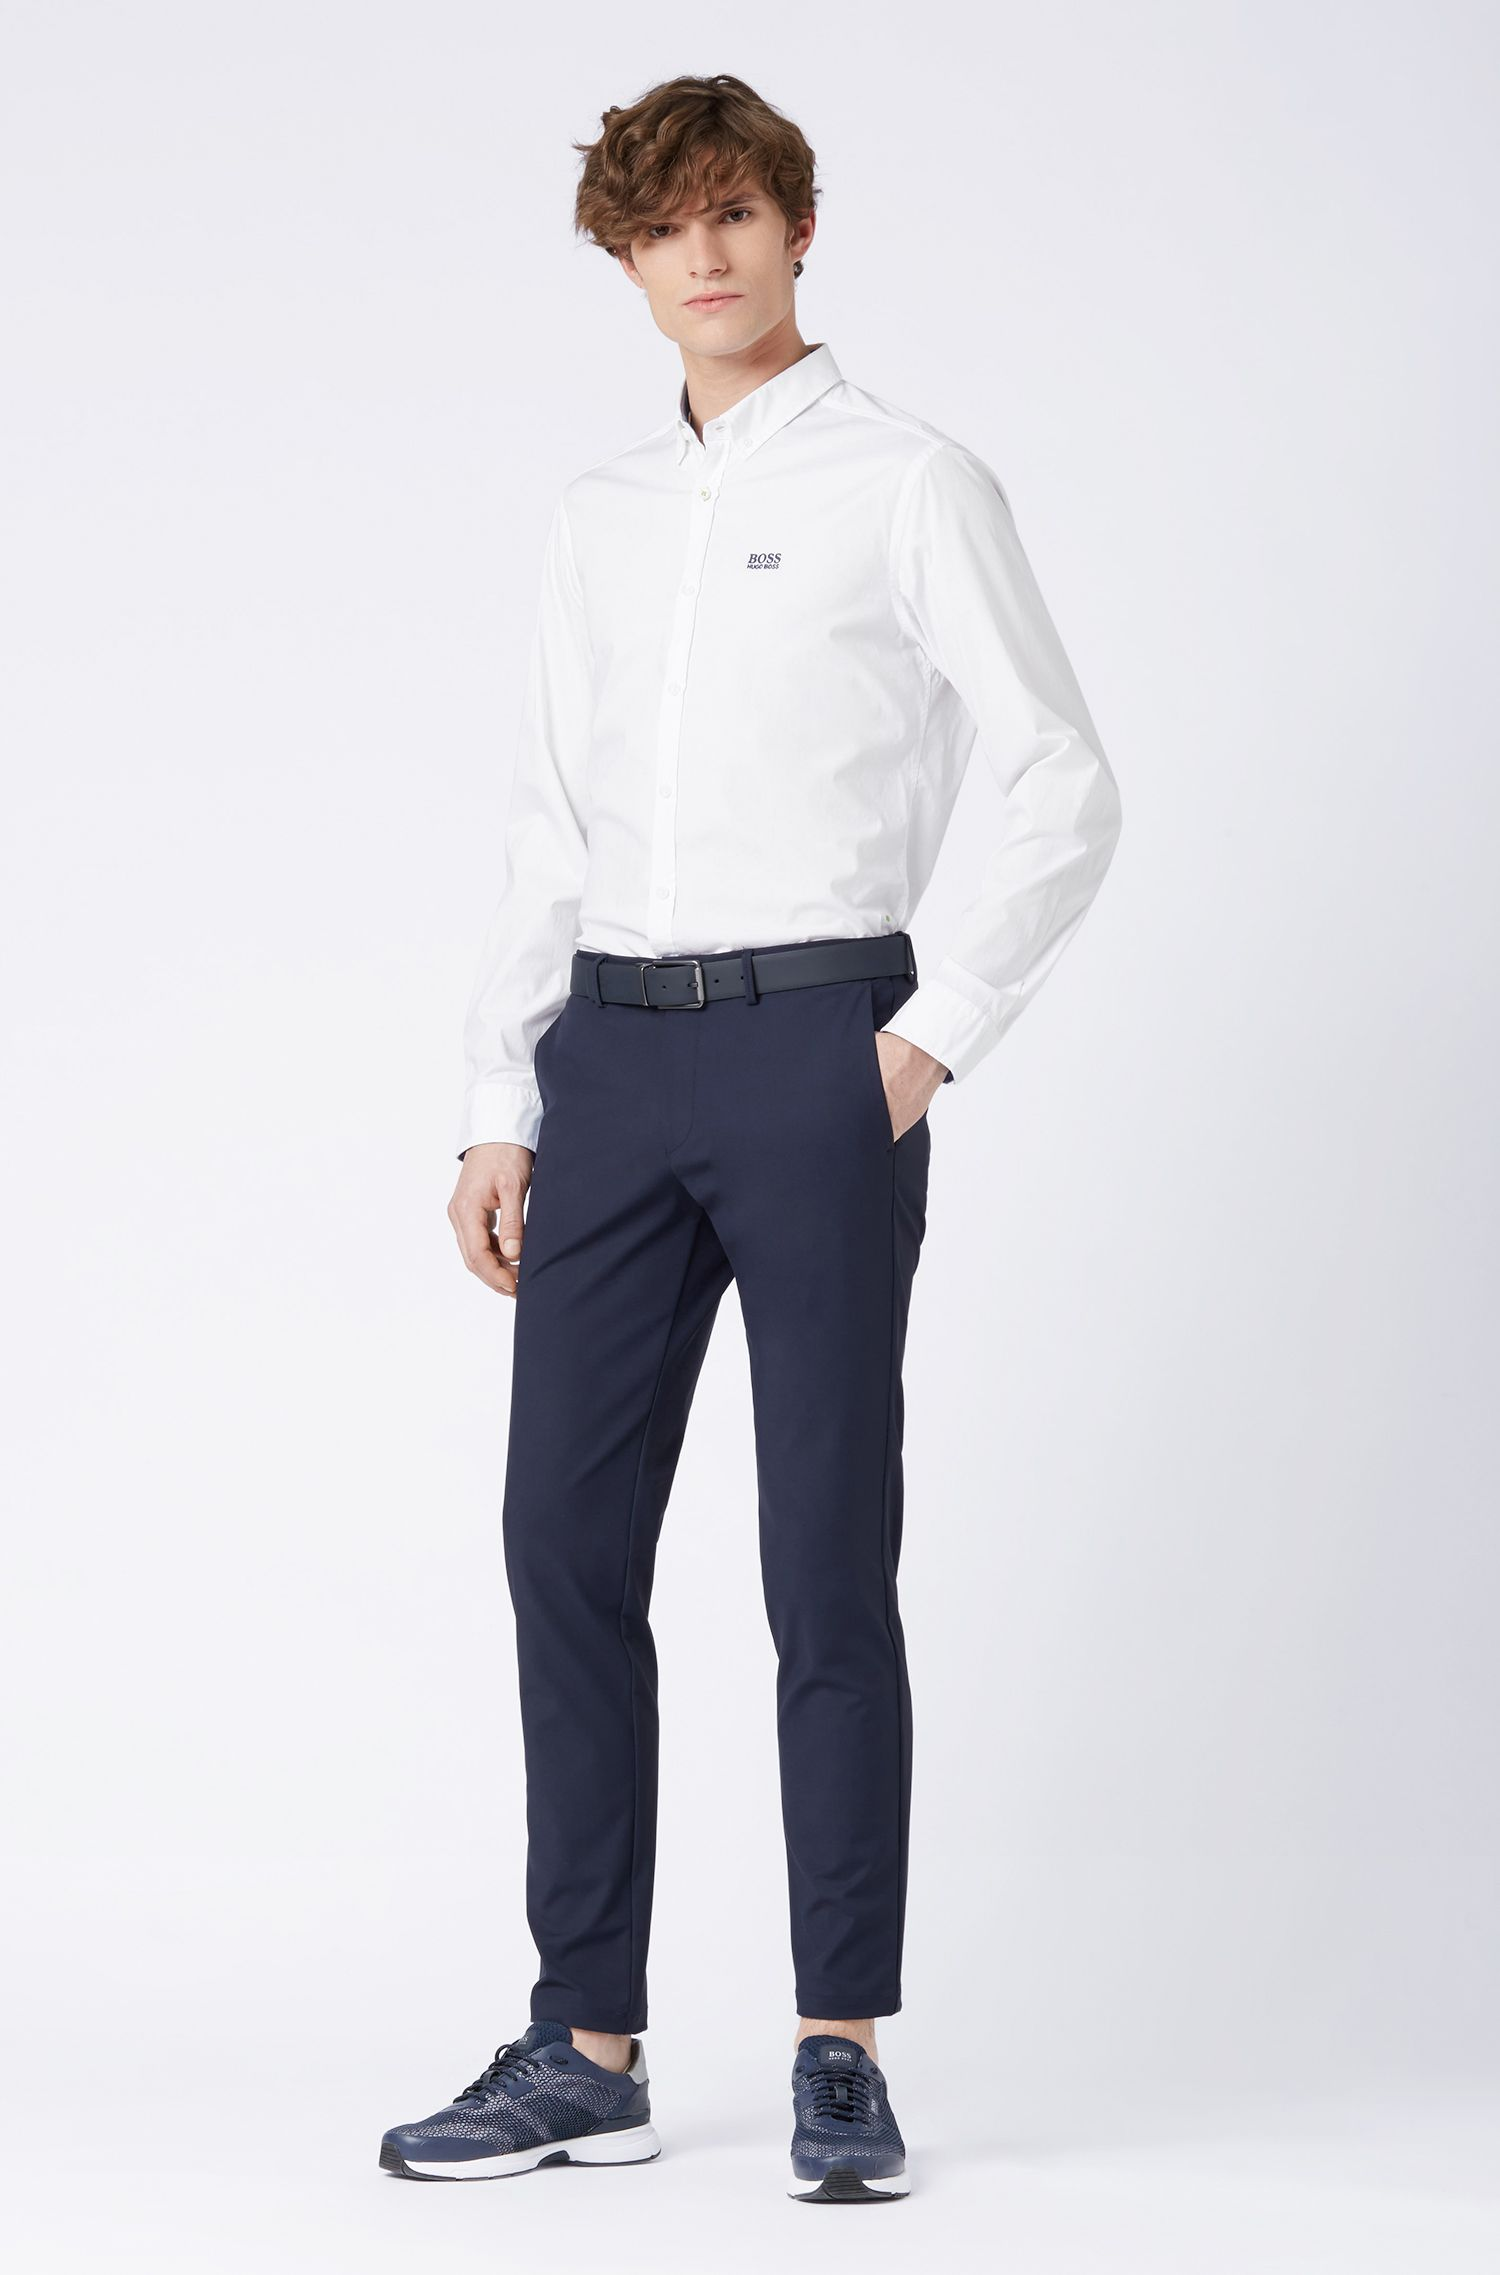 Regular-Fit Hemd aus feuchtigkeitsableitender Stretch-Baumwolle mit Button-Down-Kragen, Weiß